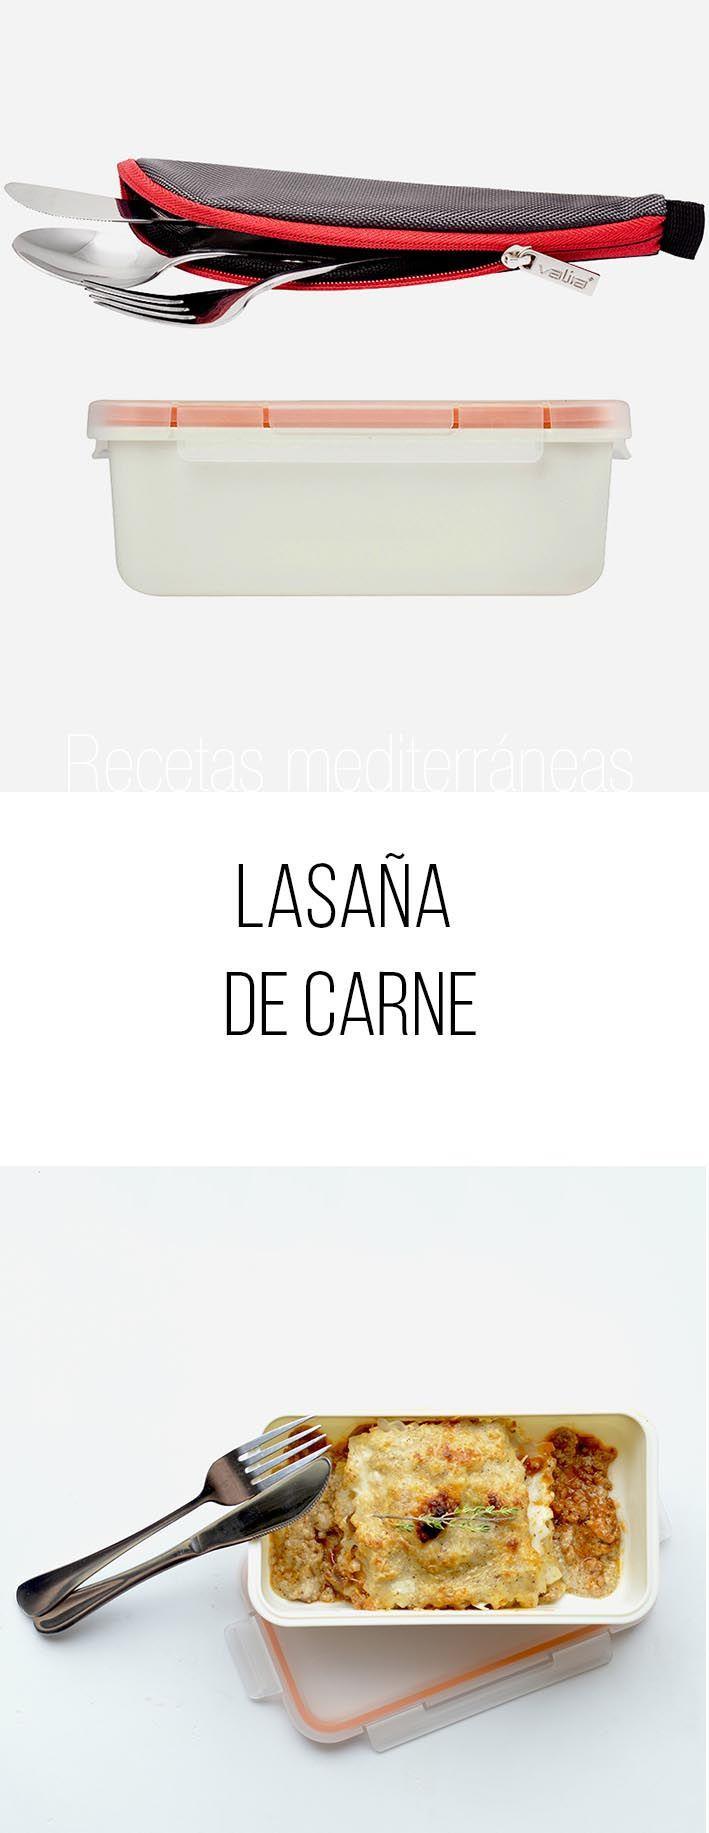 LASAÑA DE CARNE CON EL CONTENEDOR 0,75L Y KIT CUBIERTOS. #LunchBox #Valira #YoComoConValira